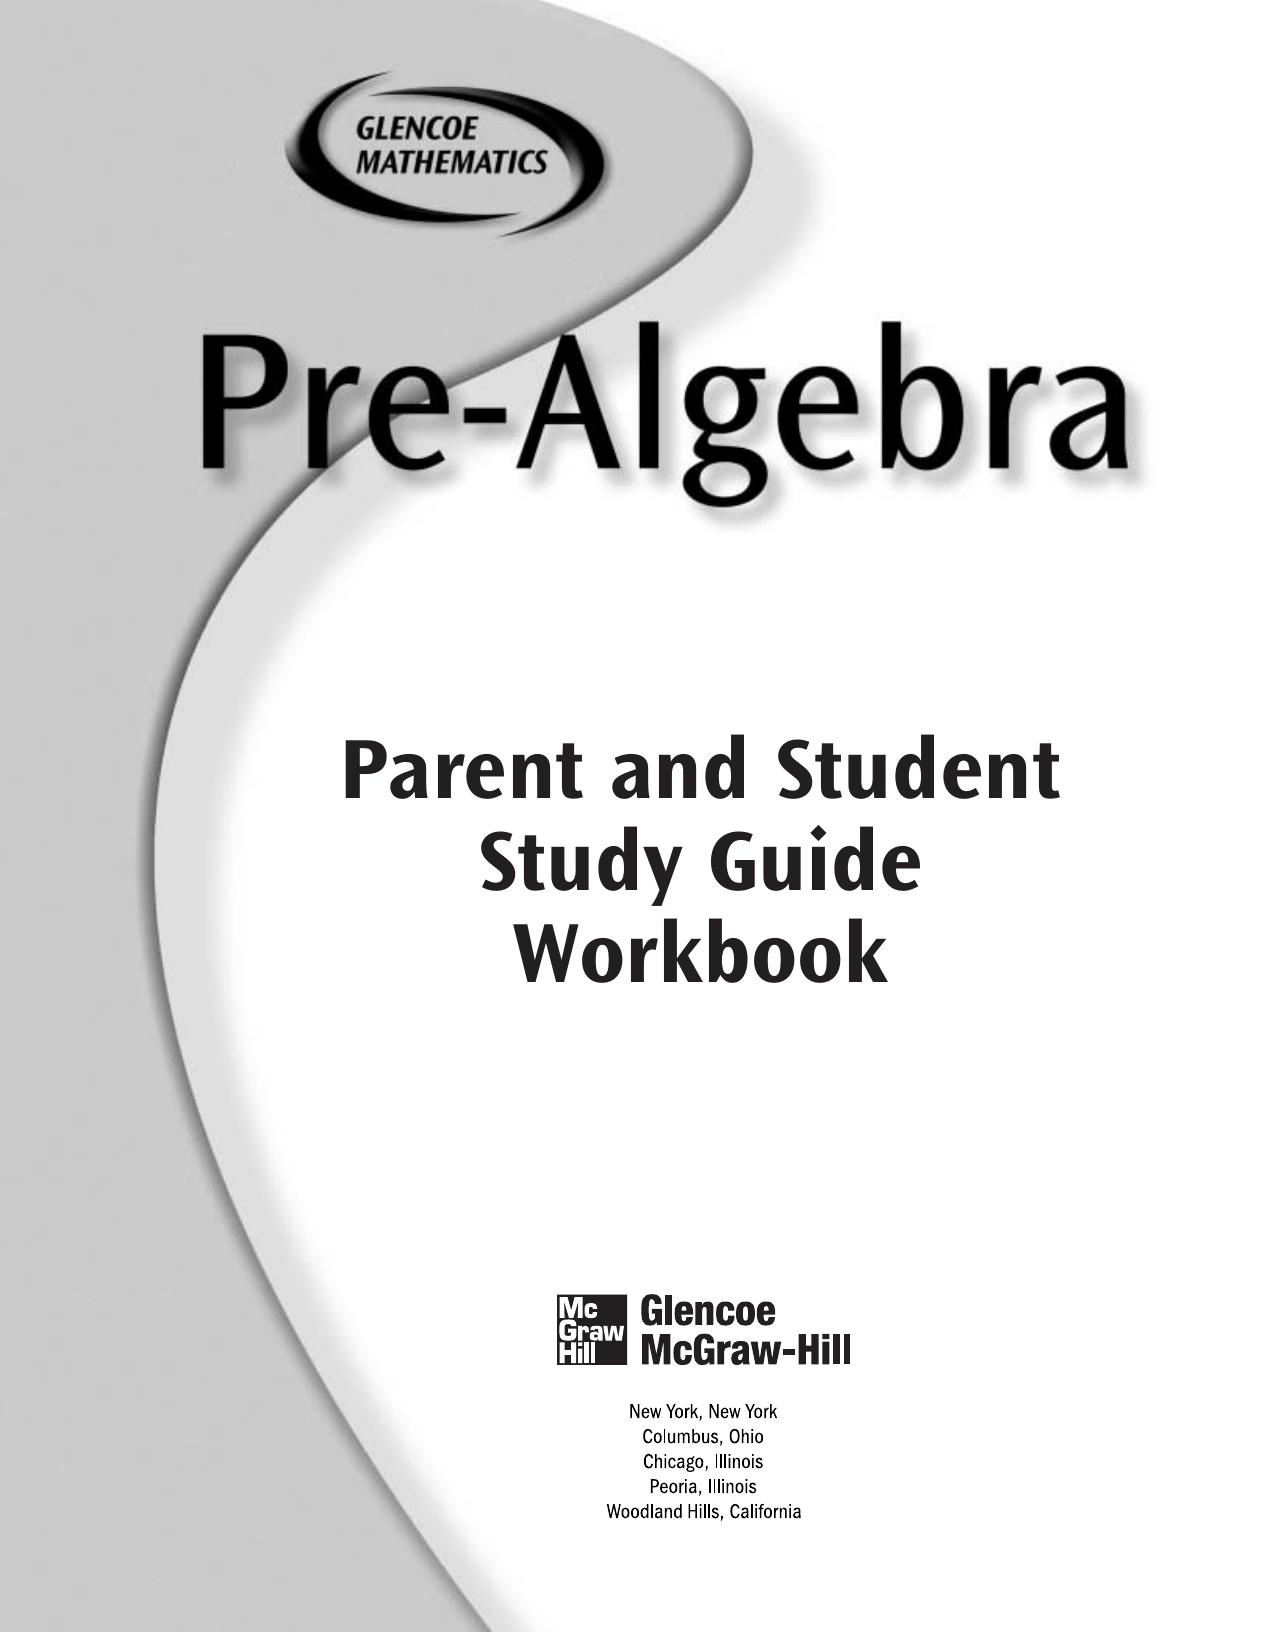 Pre-Algebra student-parent study guide